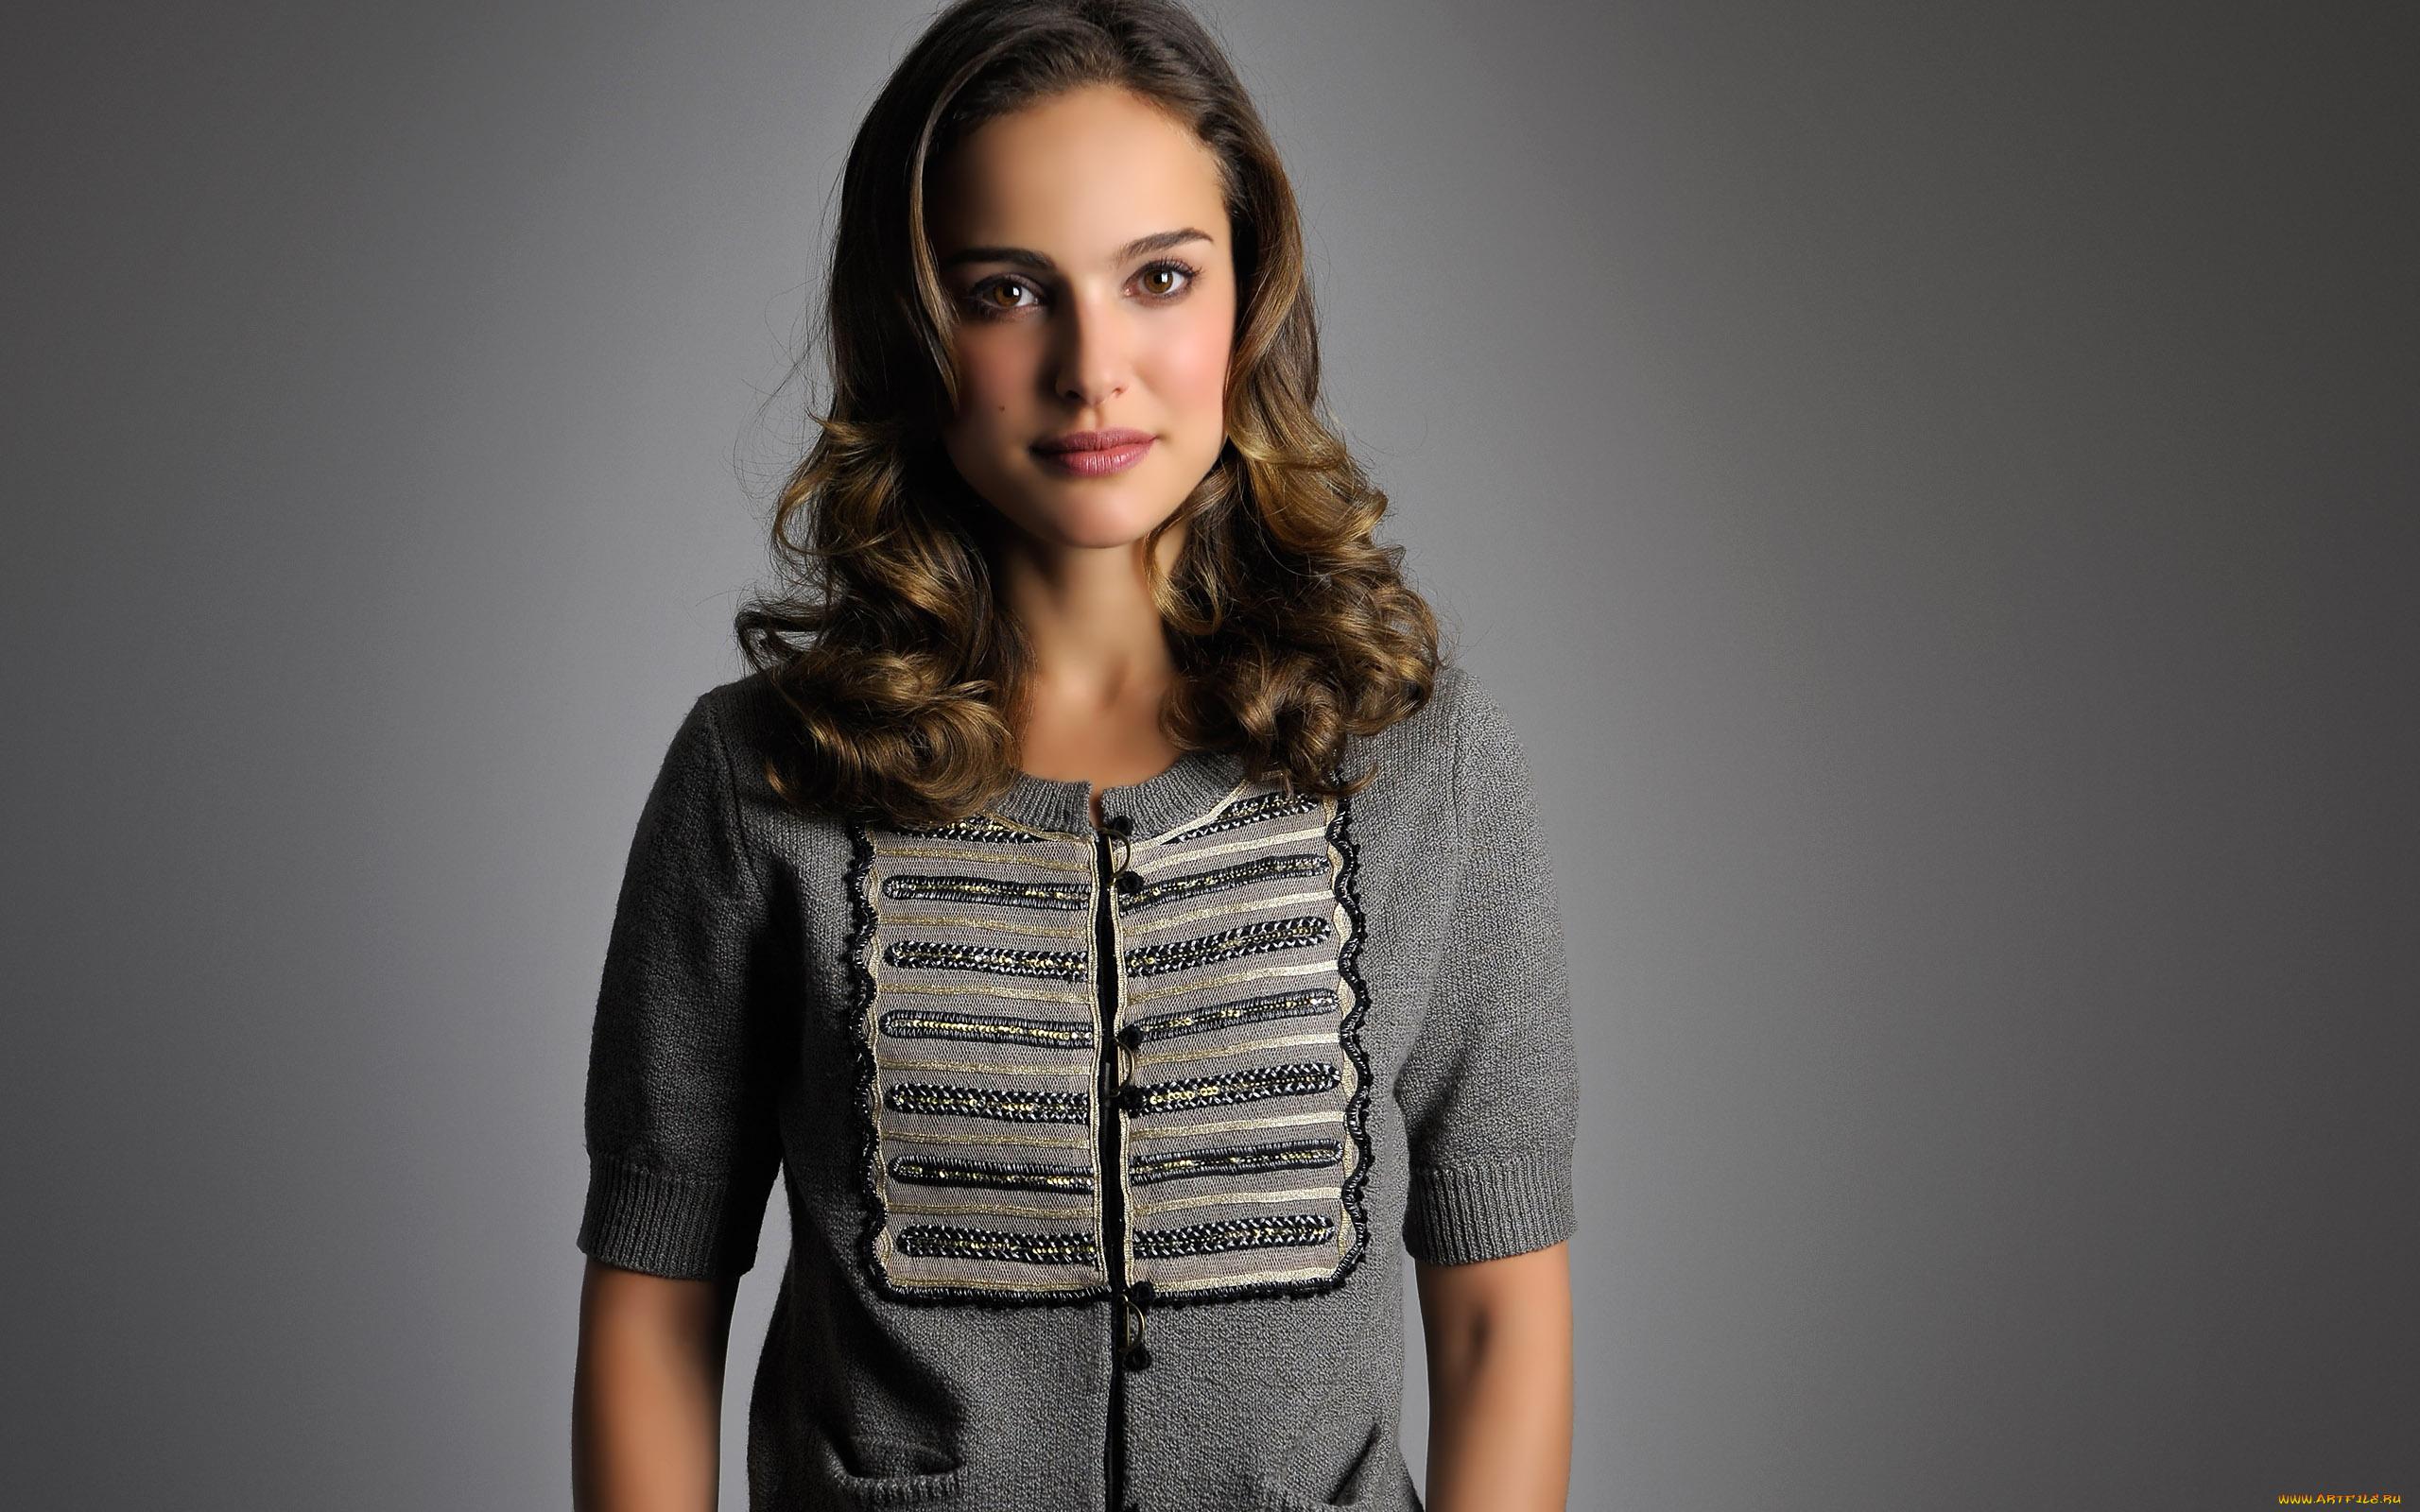 Natalie Portman Córka lekarza i artystki Natalie Portman przychodzi na świat w Jerozolimie którą w wieku 3 lat opuszcza aby osiąść w Nowym Jorku